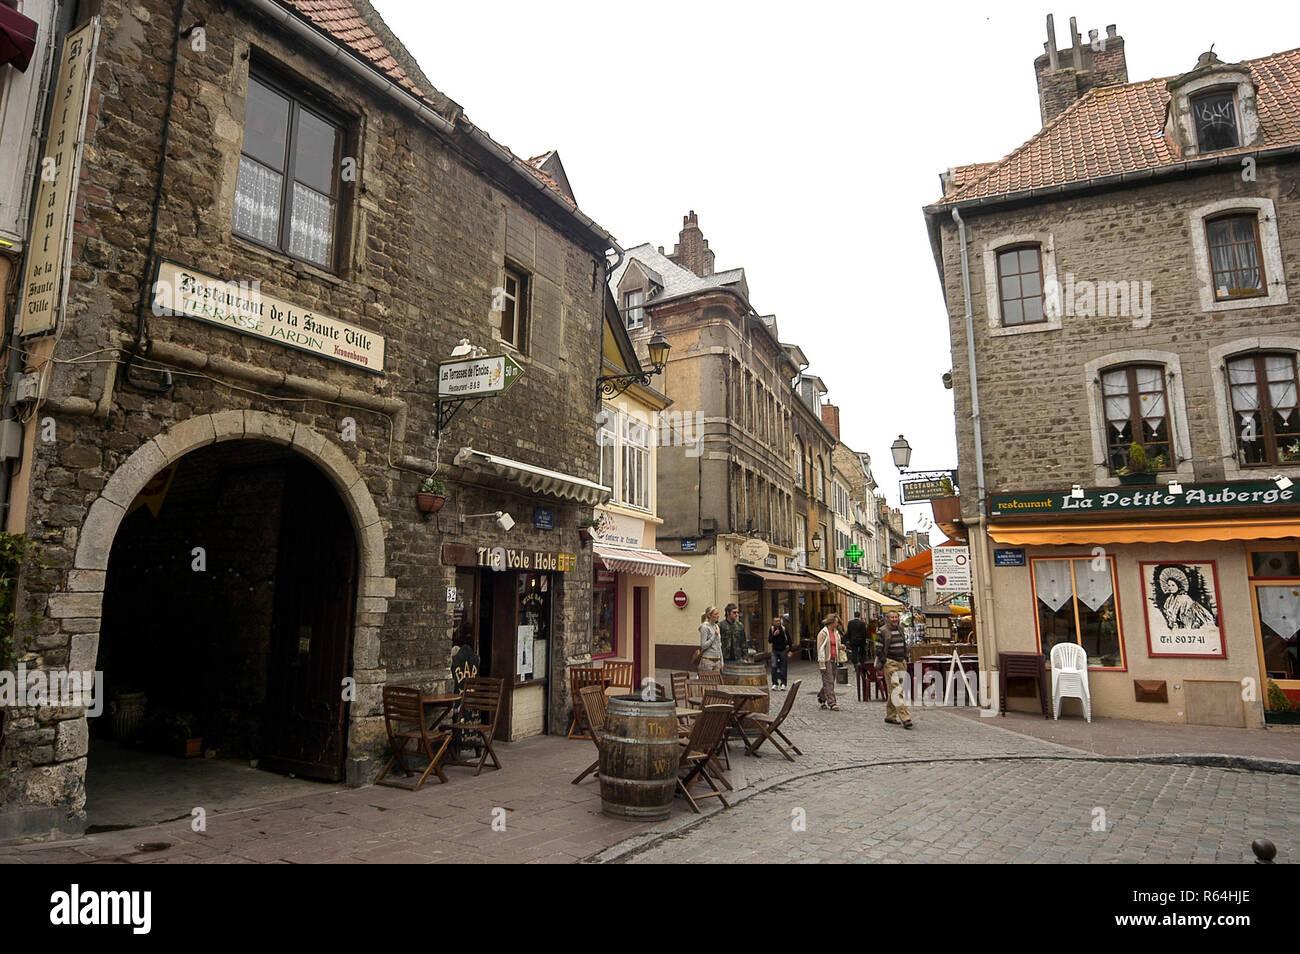 Rue De Lille Boulogne Old Town Stock Photos & Rue De Lille Boulogne ...